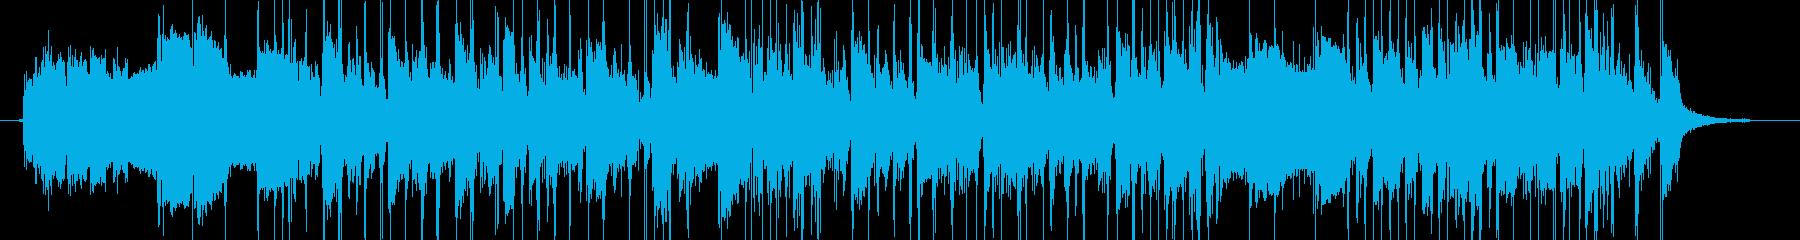 シンセ&スラップベースのジングルの再生済みの波形